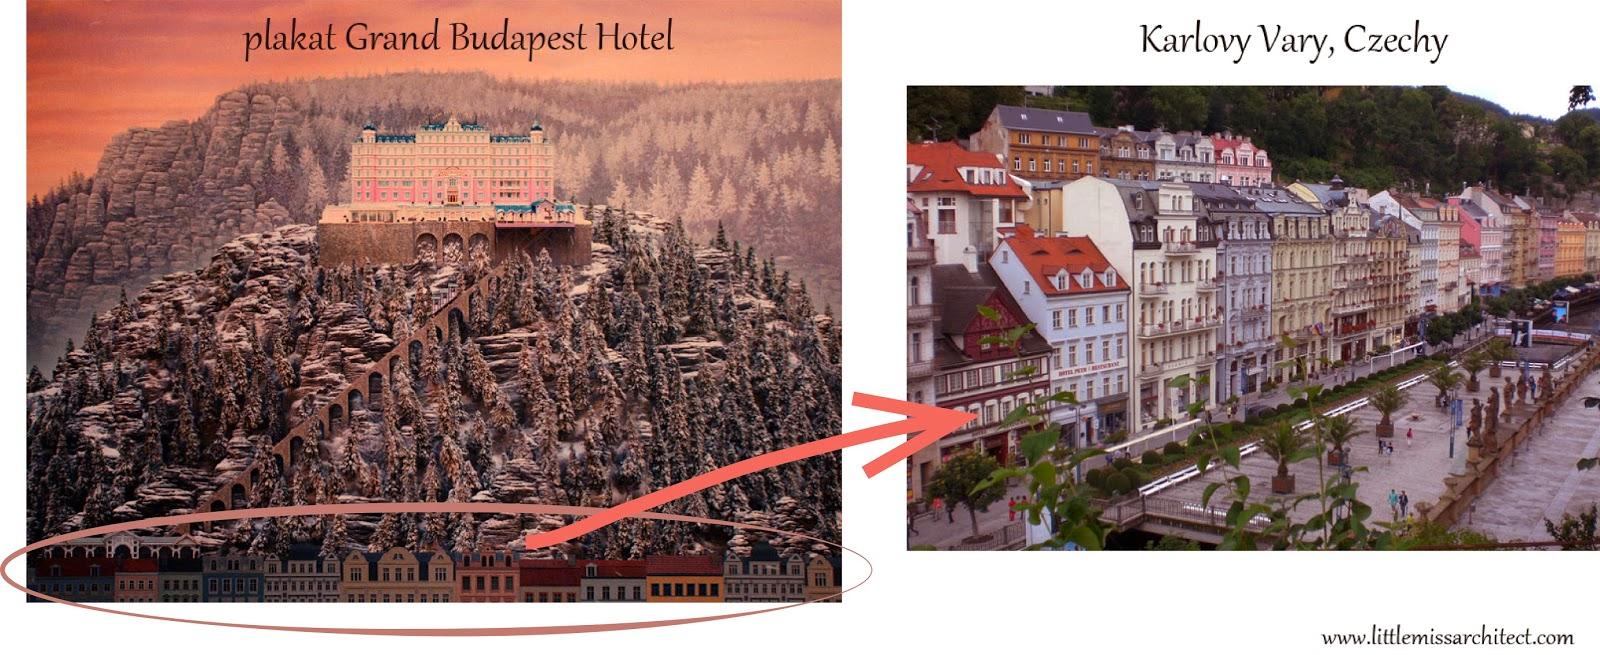 Grand Budapest Hotel, Karlovy Vary, Czechy, inspiracja